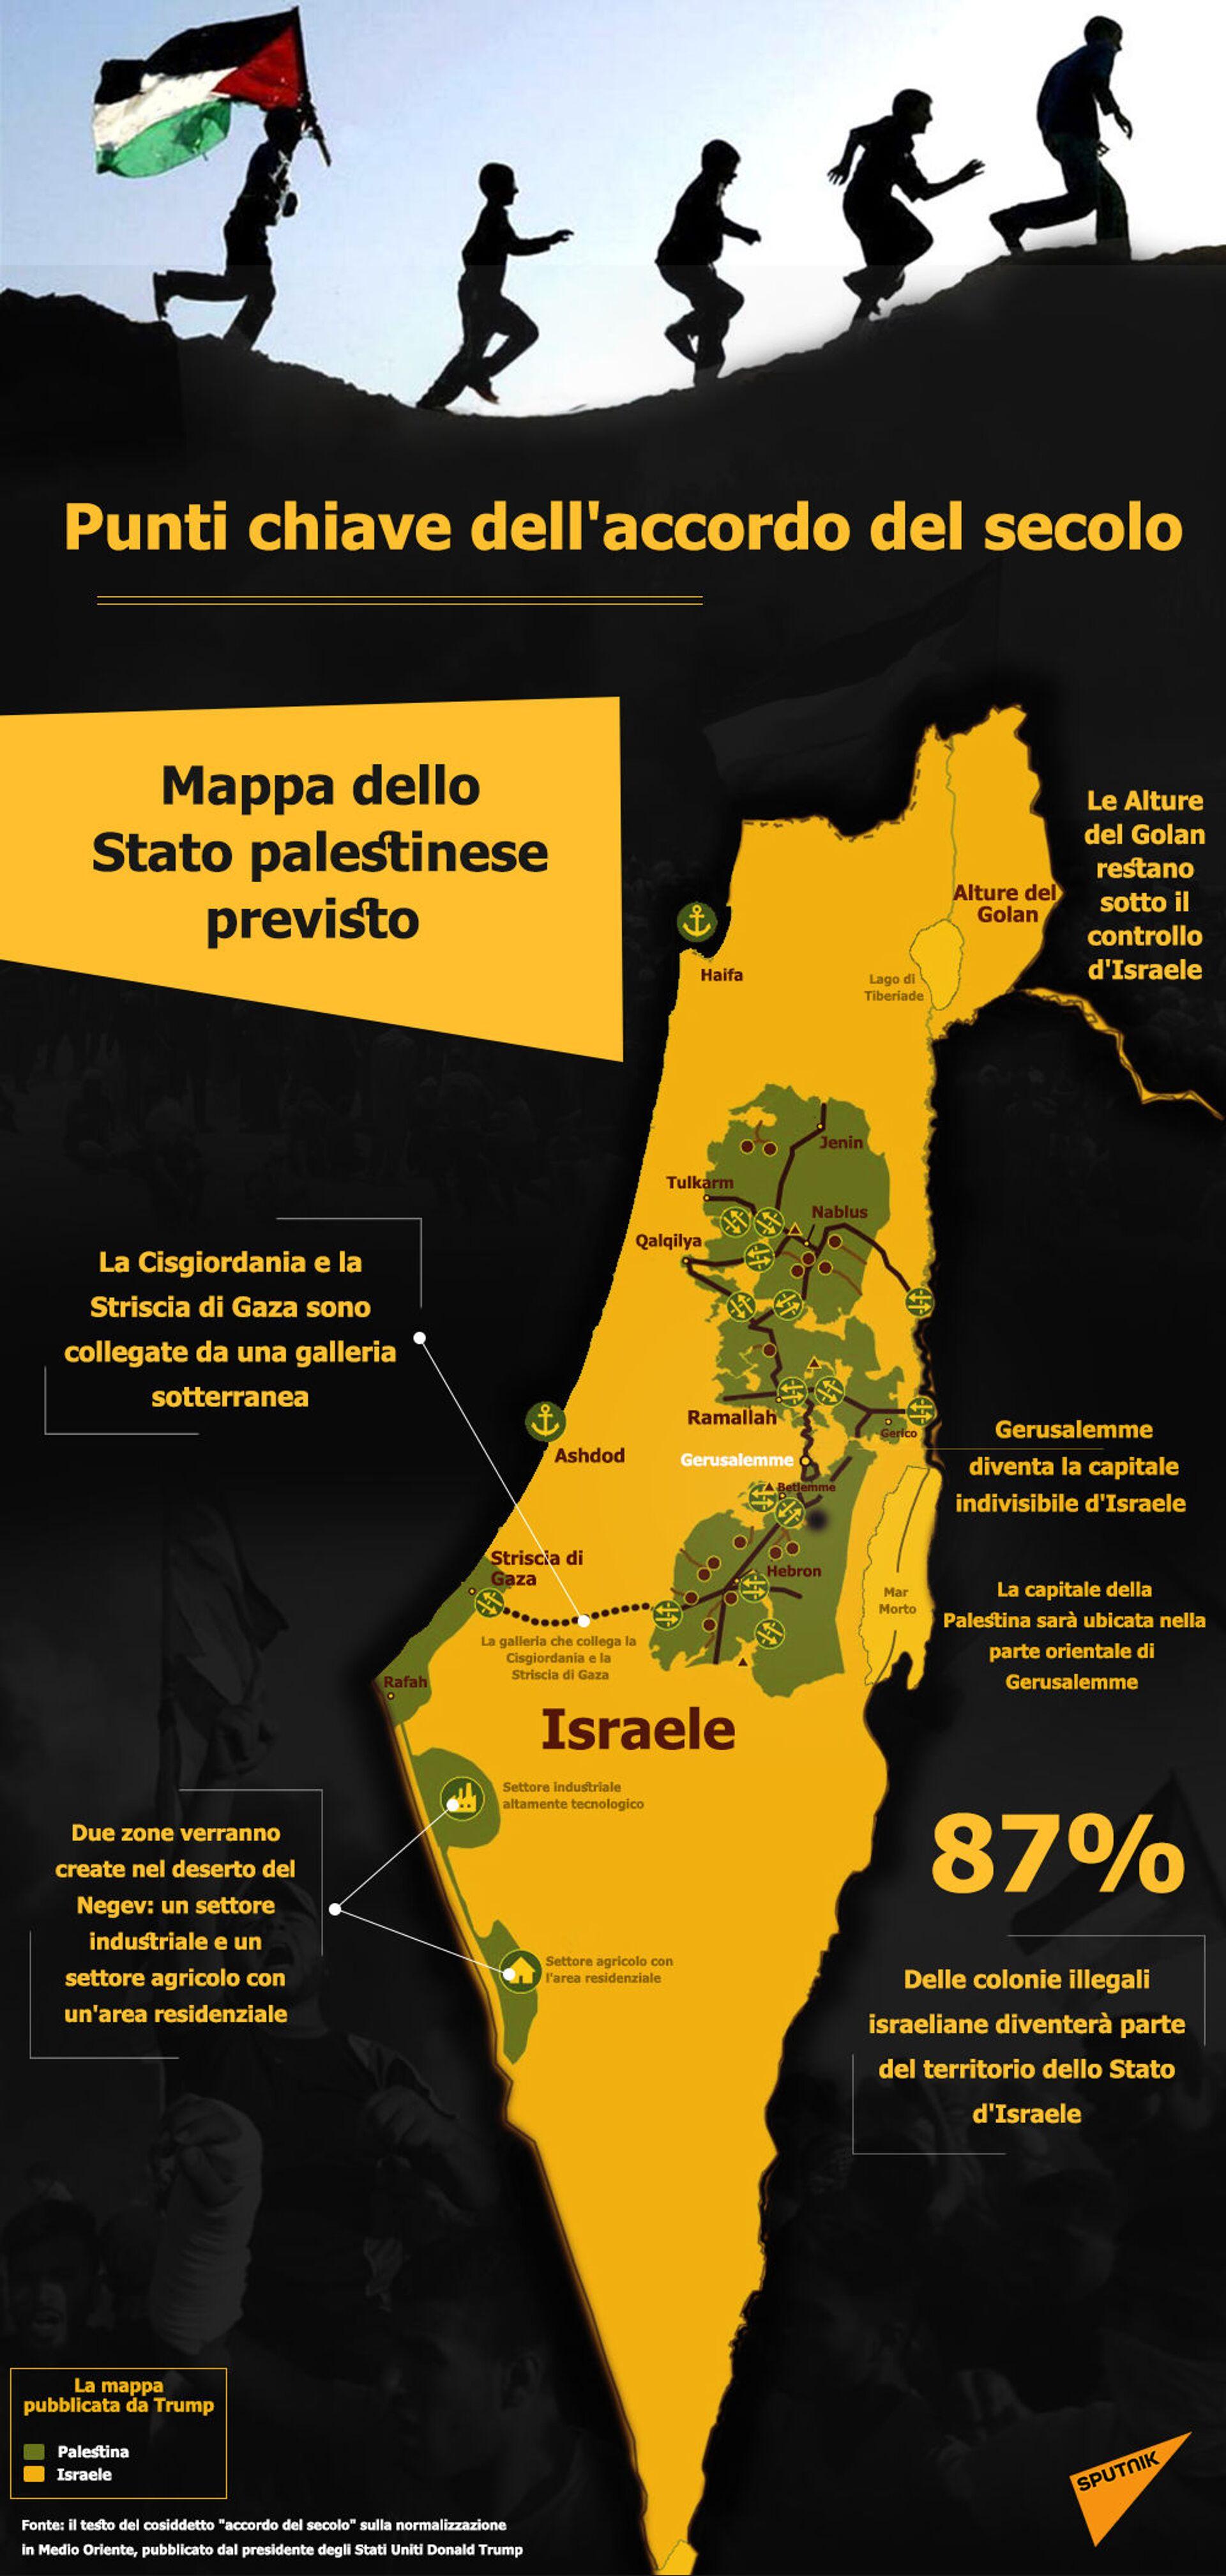 Israele-Palestina, Cina inviterà le parti del conflitto per dei colloqui - Sputnik Italia, 1920, 24.03.2021